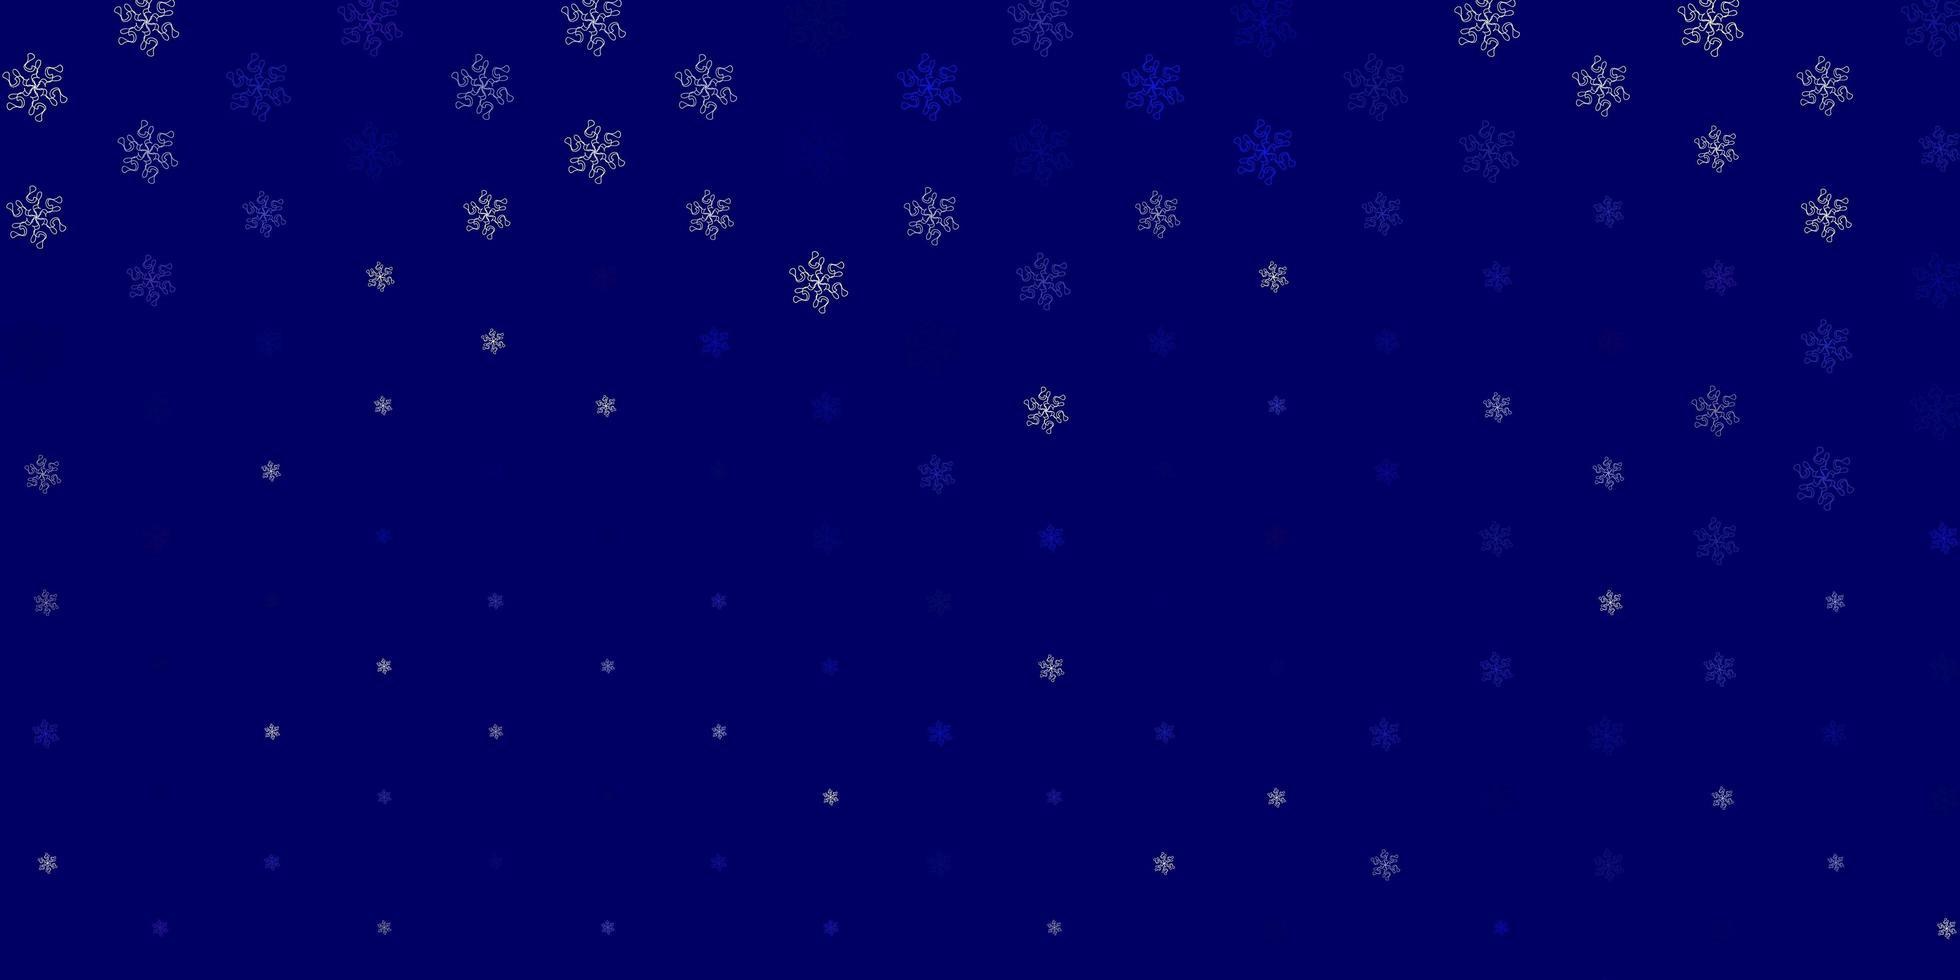 hellblauer Vektor Gekritzelhintergrund mit Blumen.